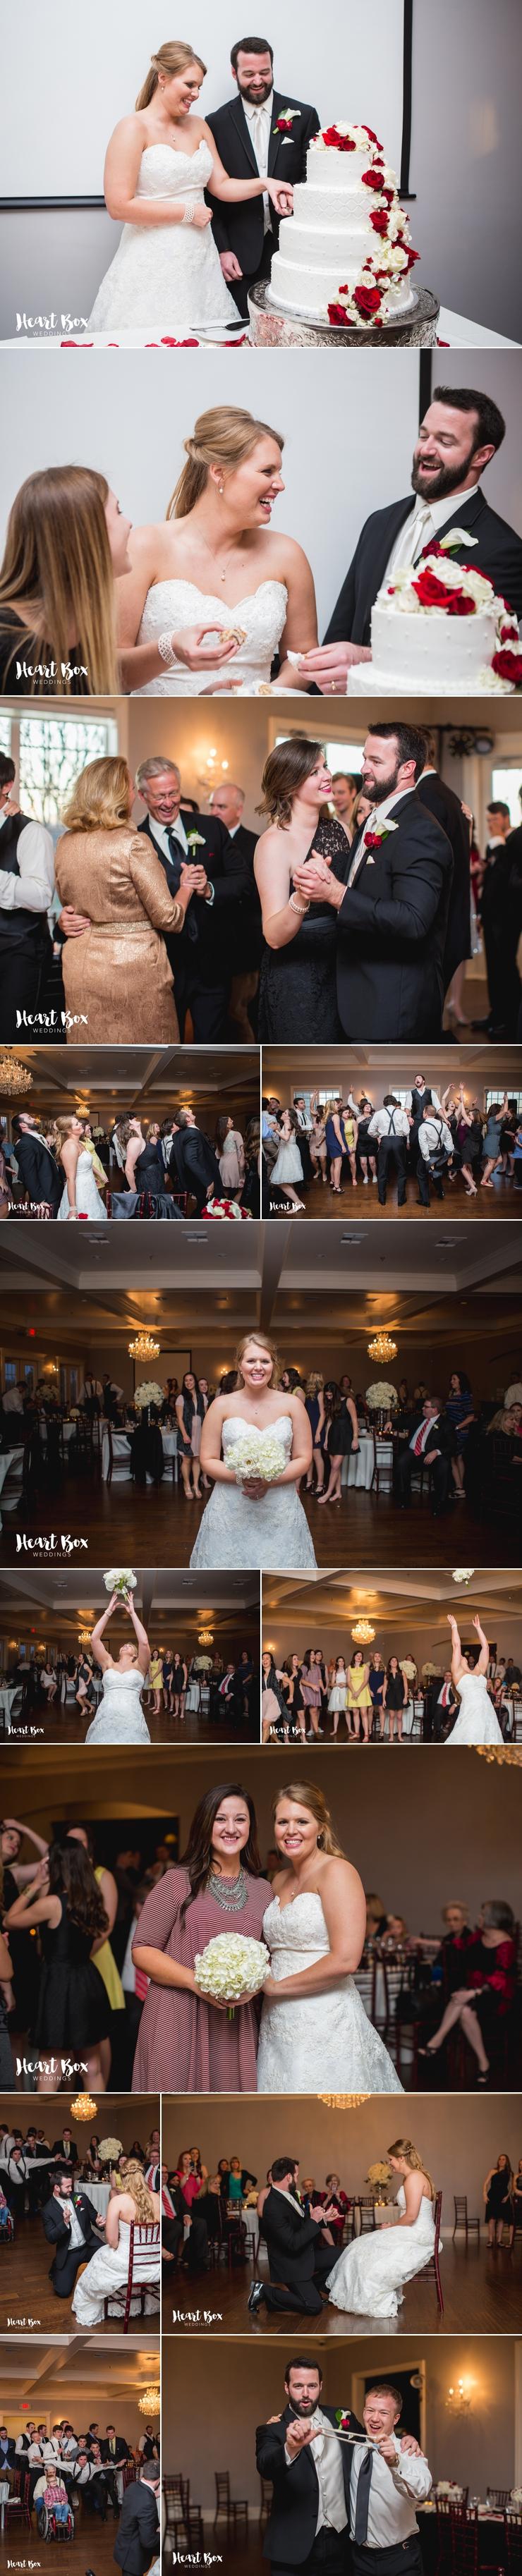 Vanderpool Wedding - Blog Collages 12.jpg